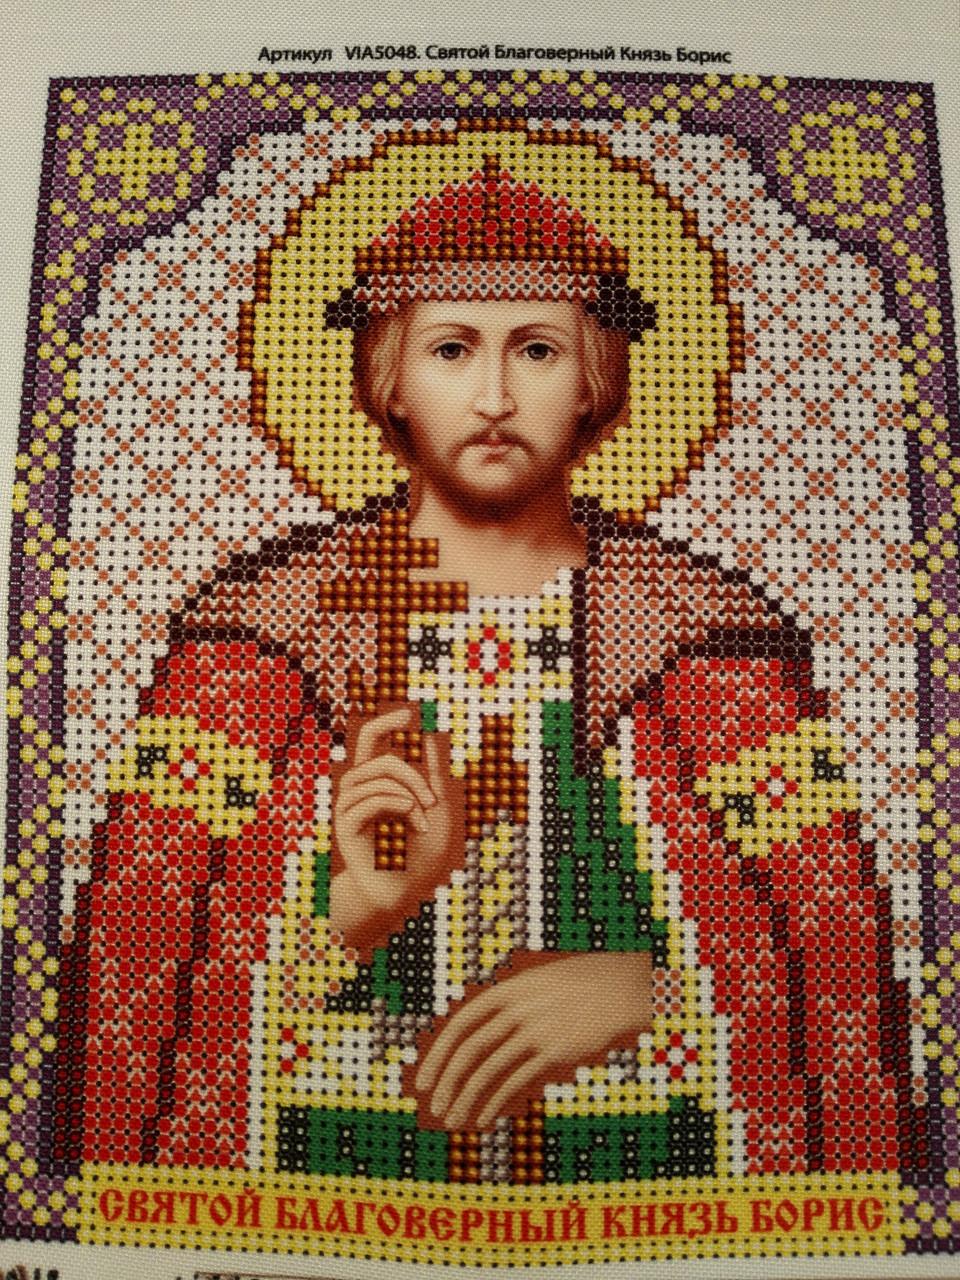 Набор для вышивки бисером икона Святой Благоверный Князь Борис VIA 5048